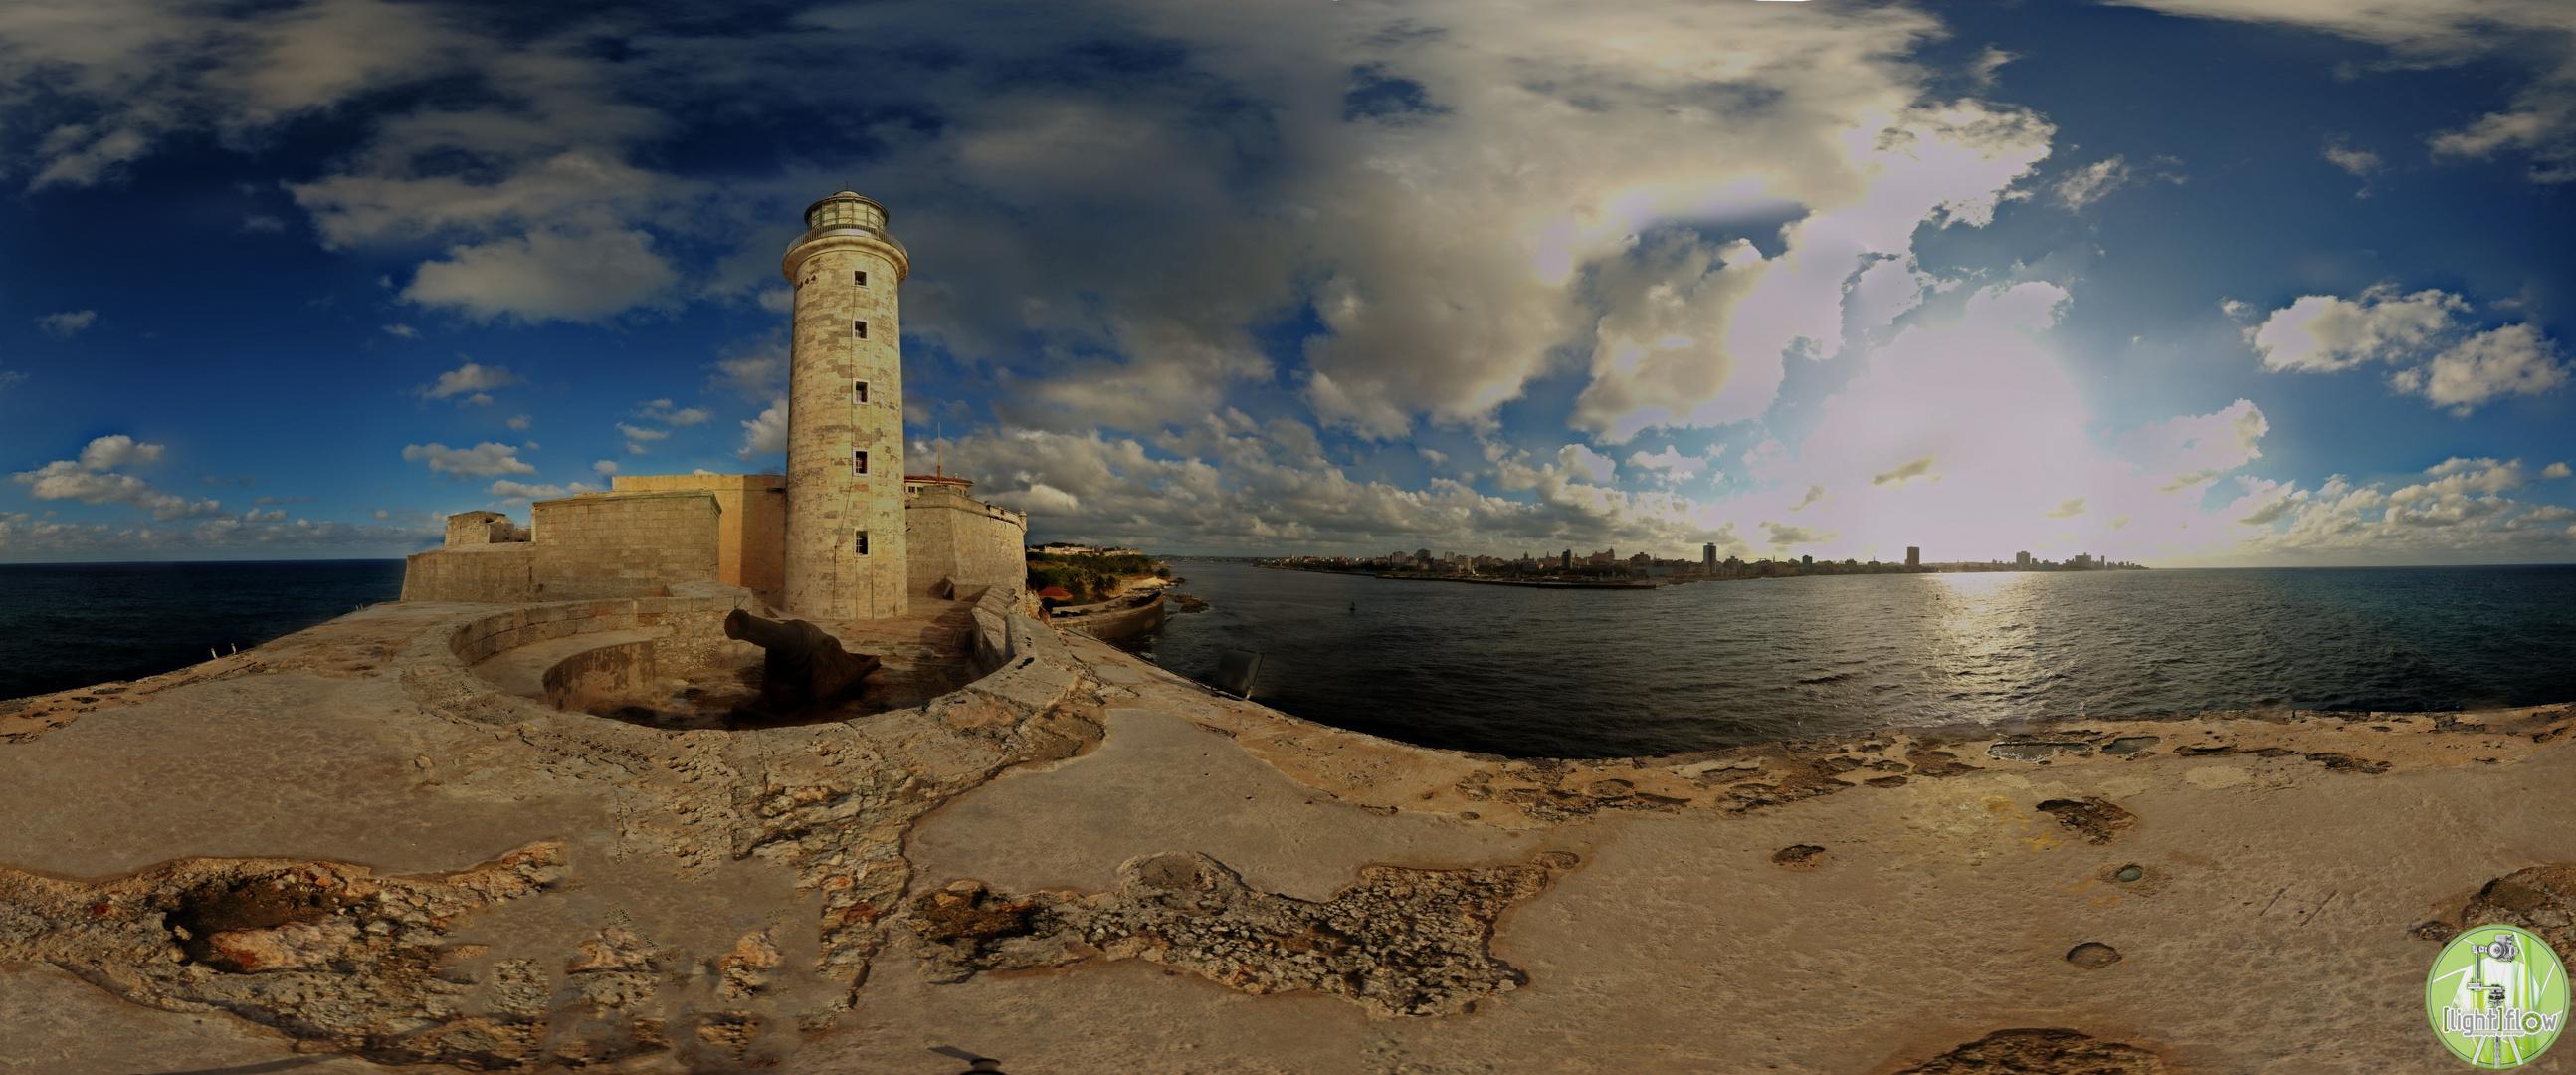 El Morro, La Habana 2012